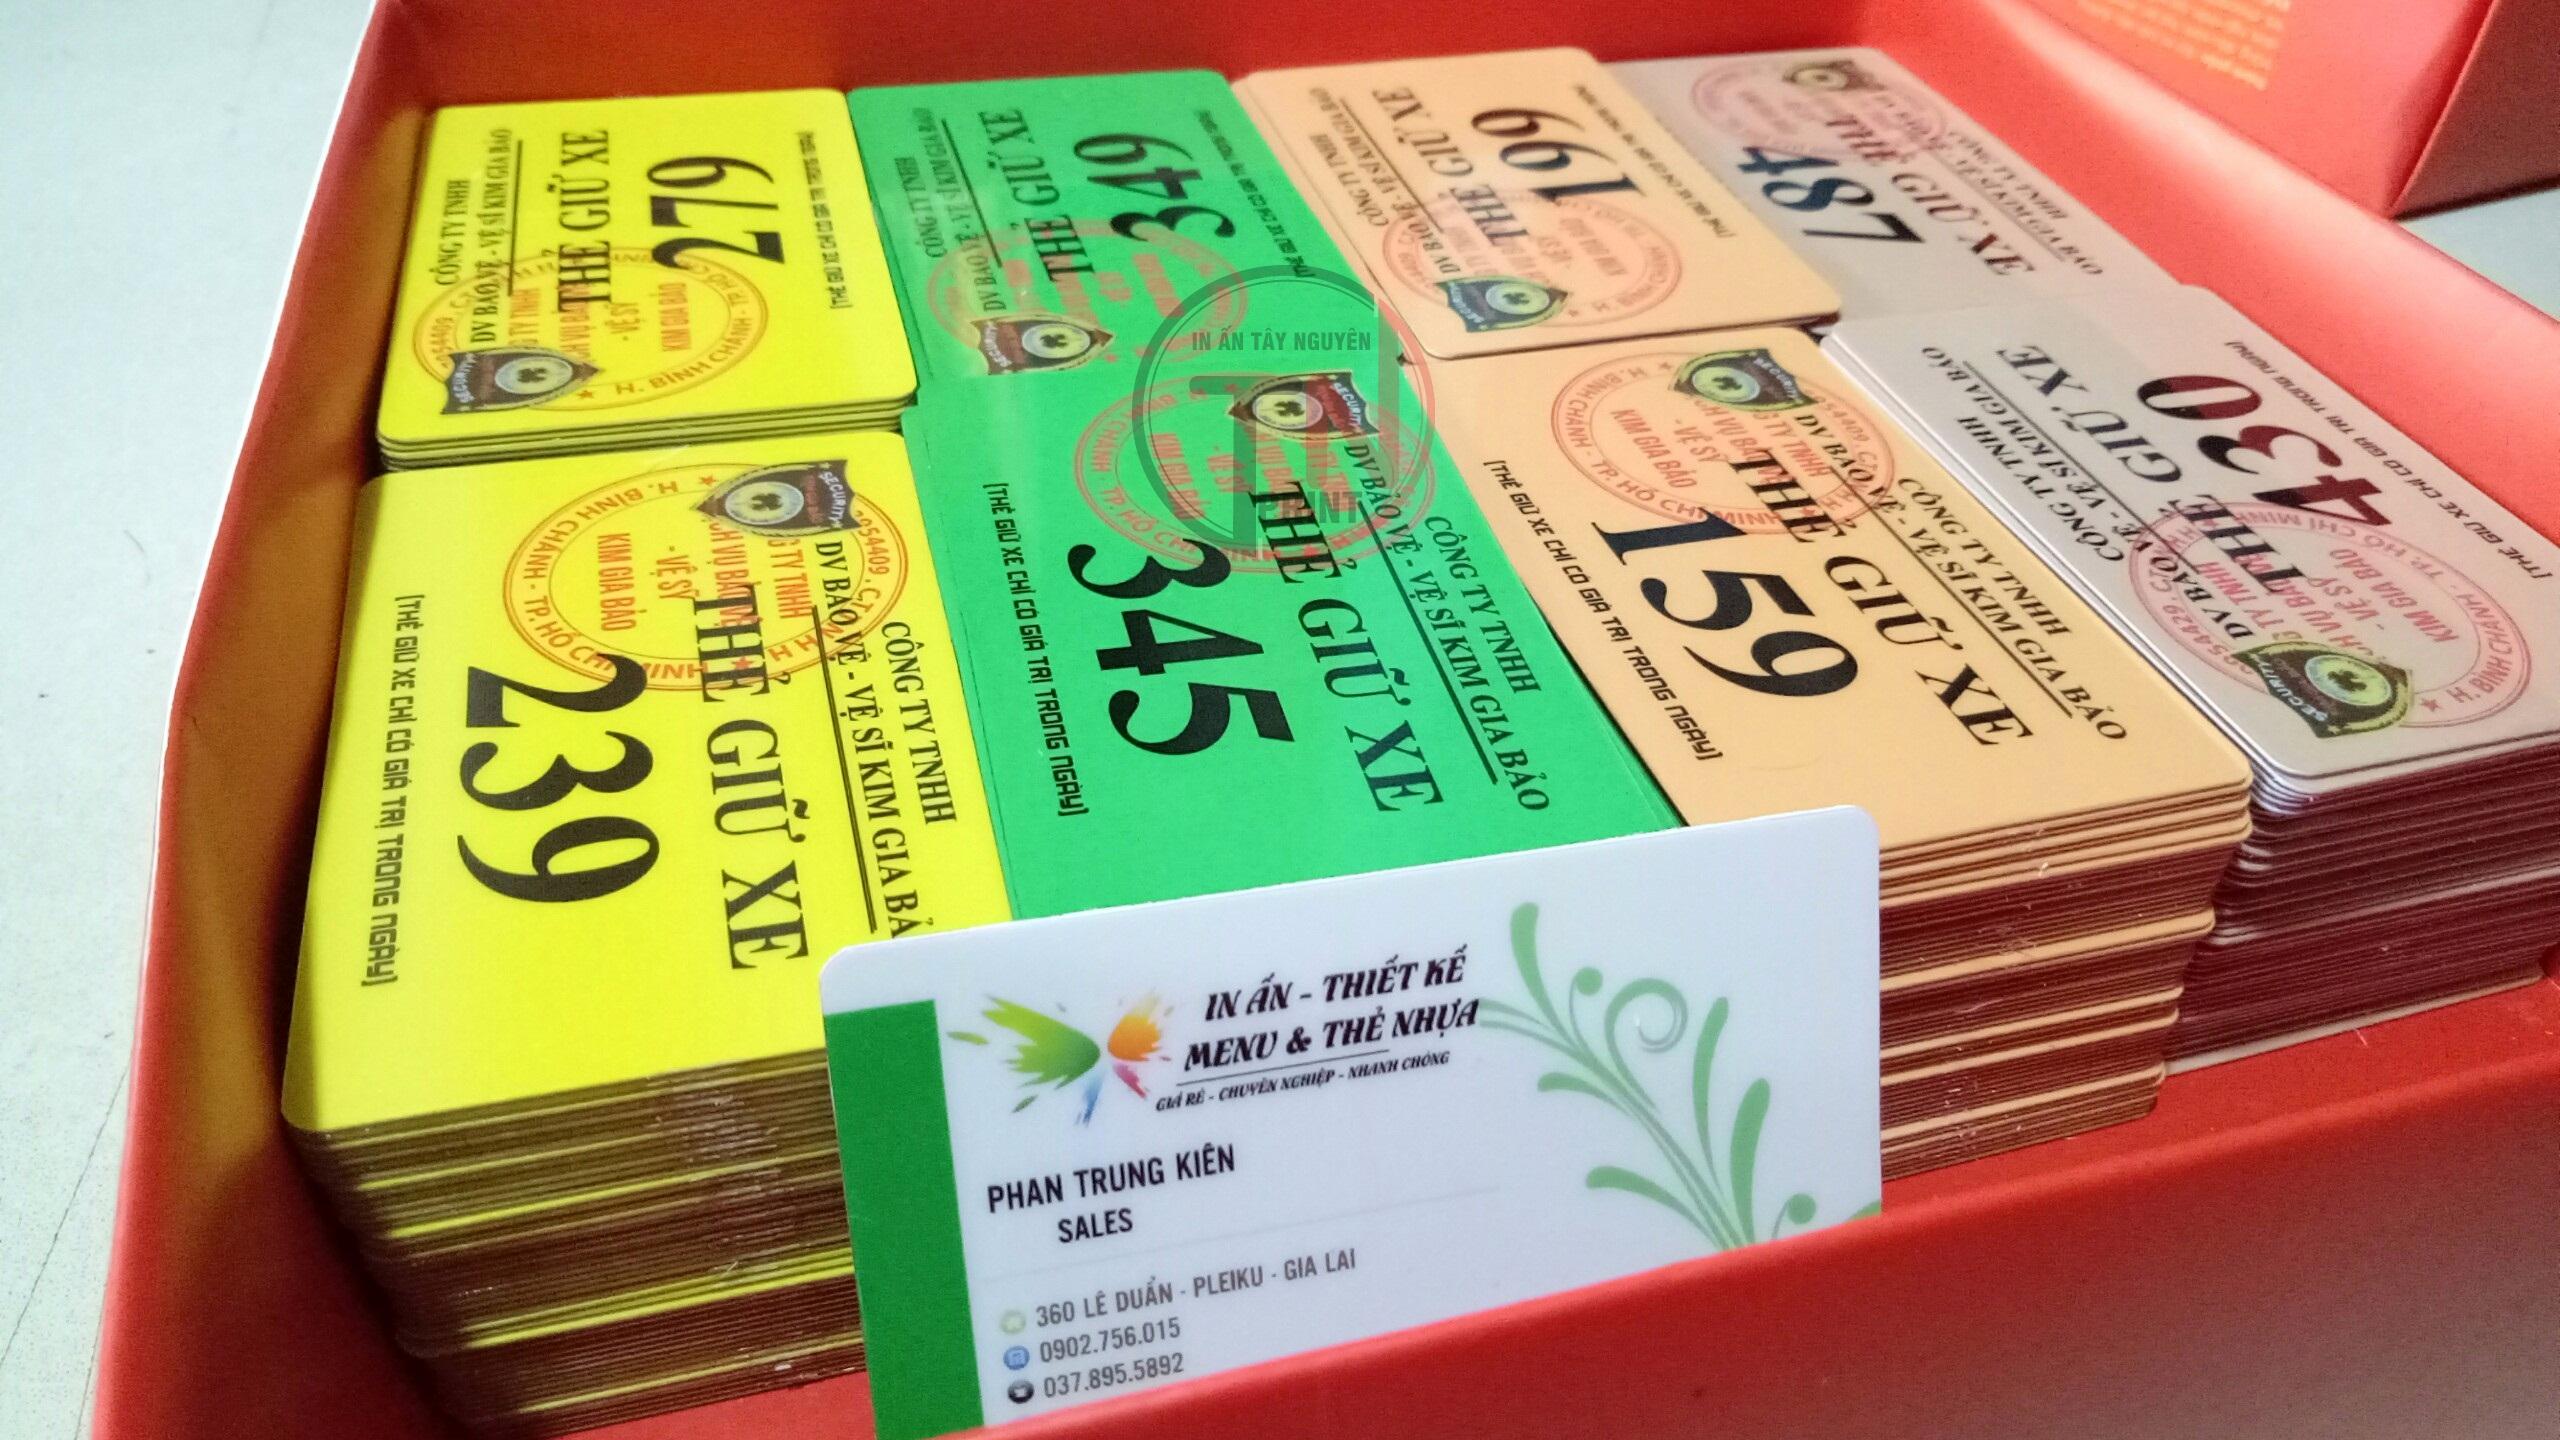 In thẻ giữ xe, thẻ bảo vệ trên chất liệu nhựa giá tốt